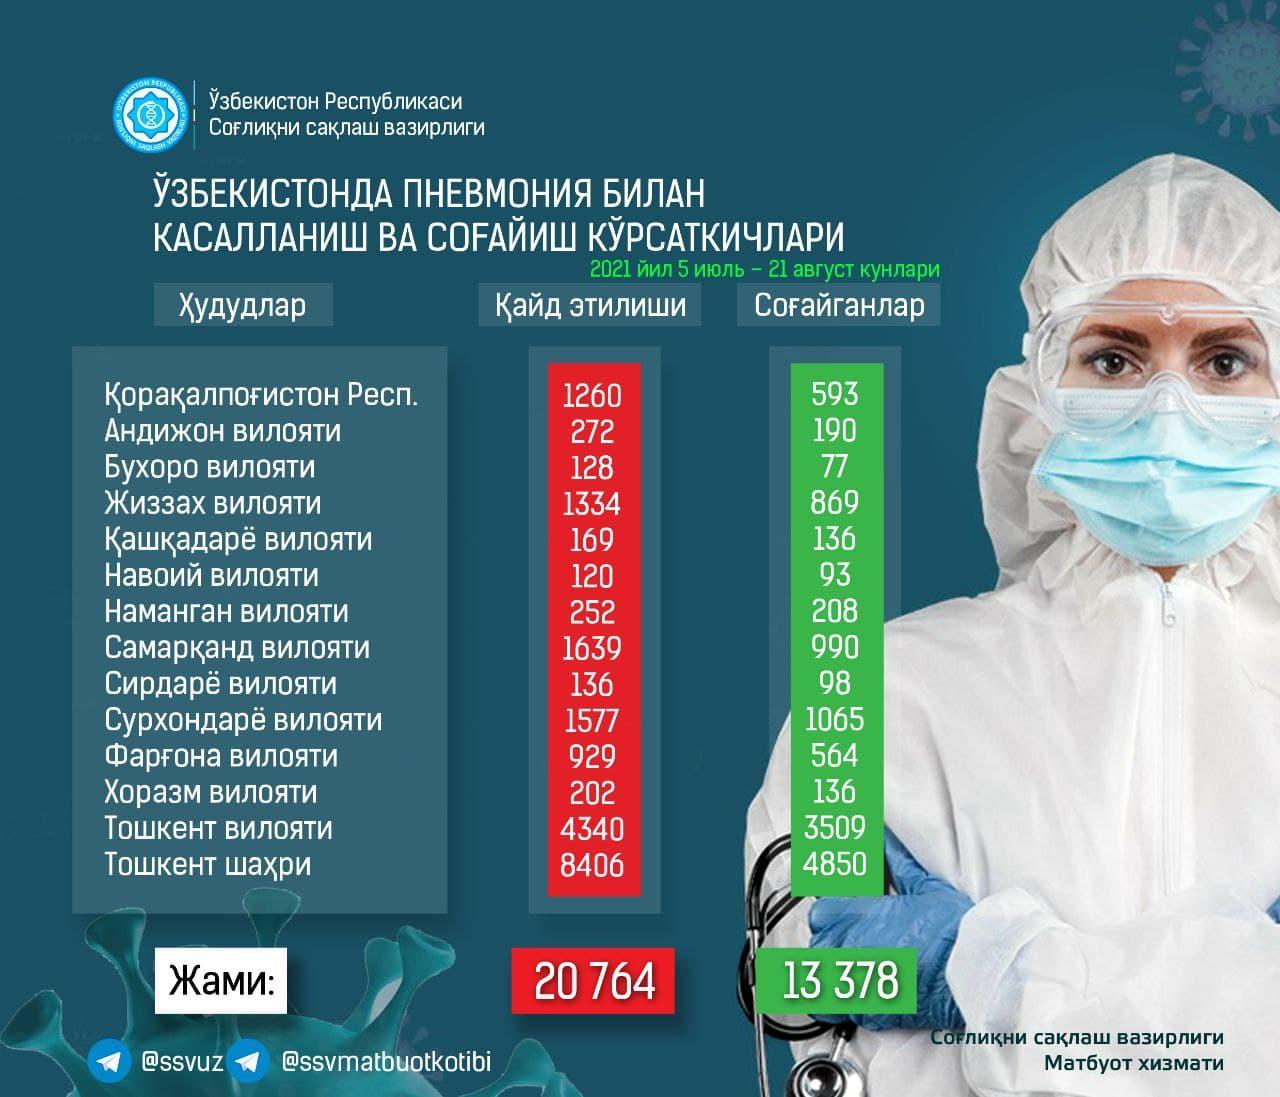 В Узбекистане немного снизились темпы заболевания пневмонией — статистика